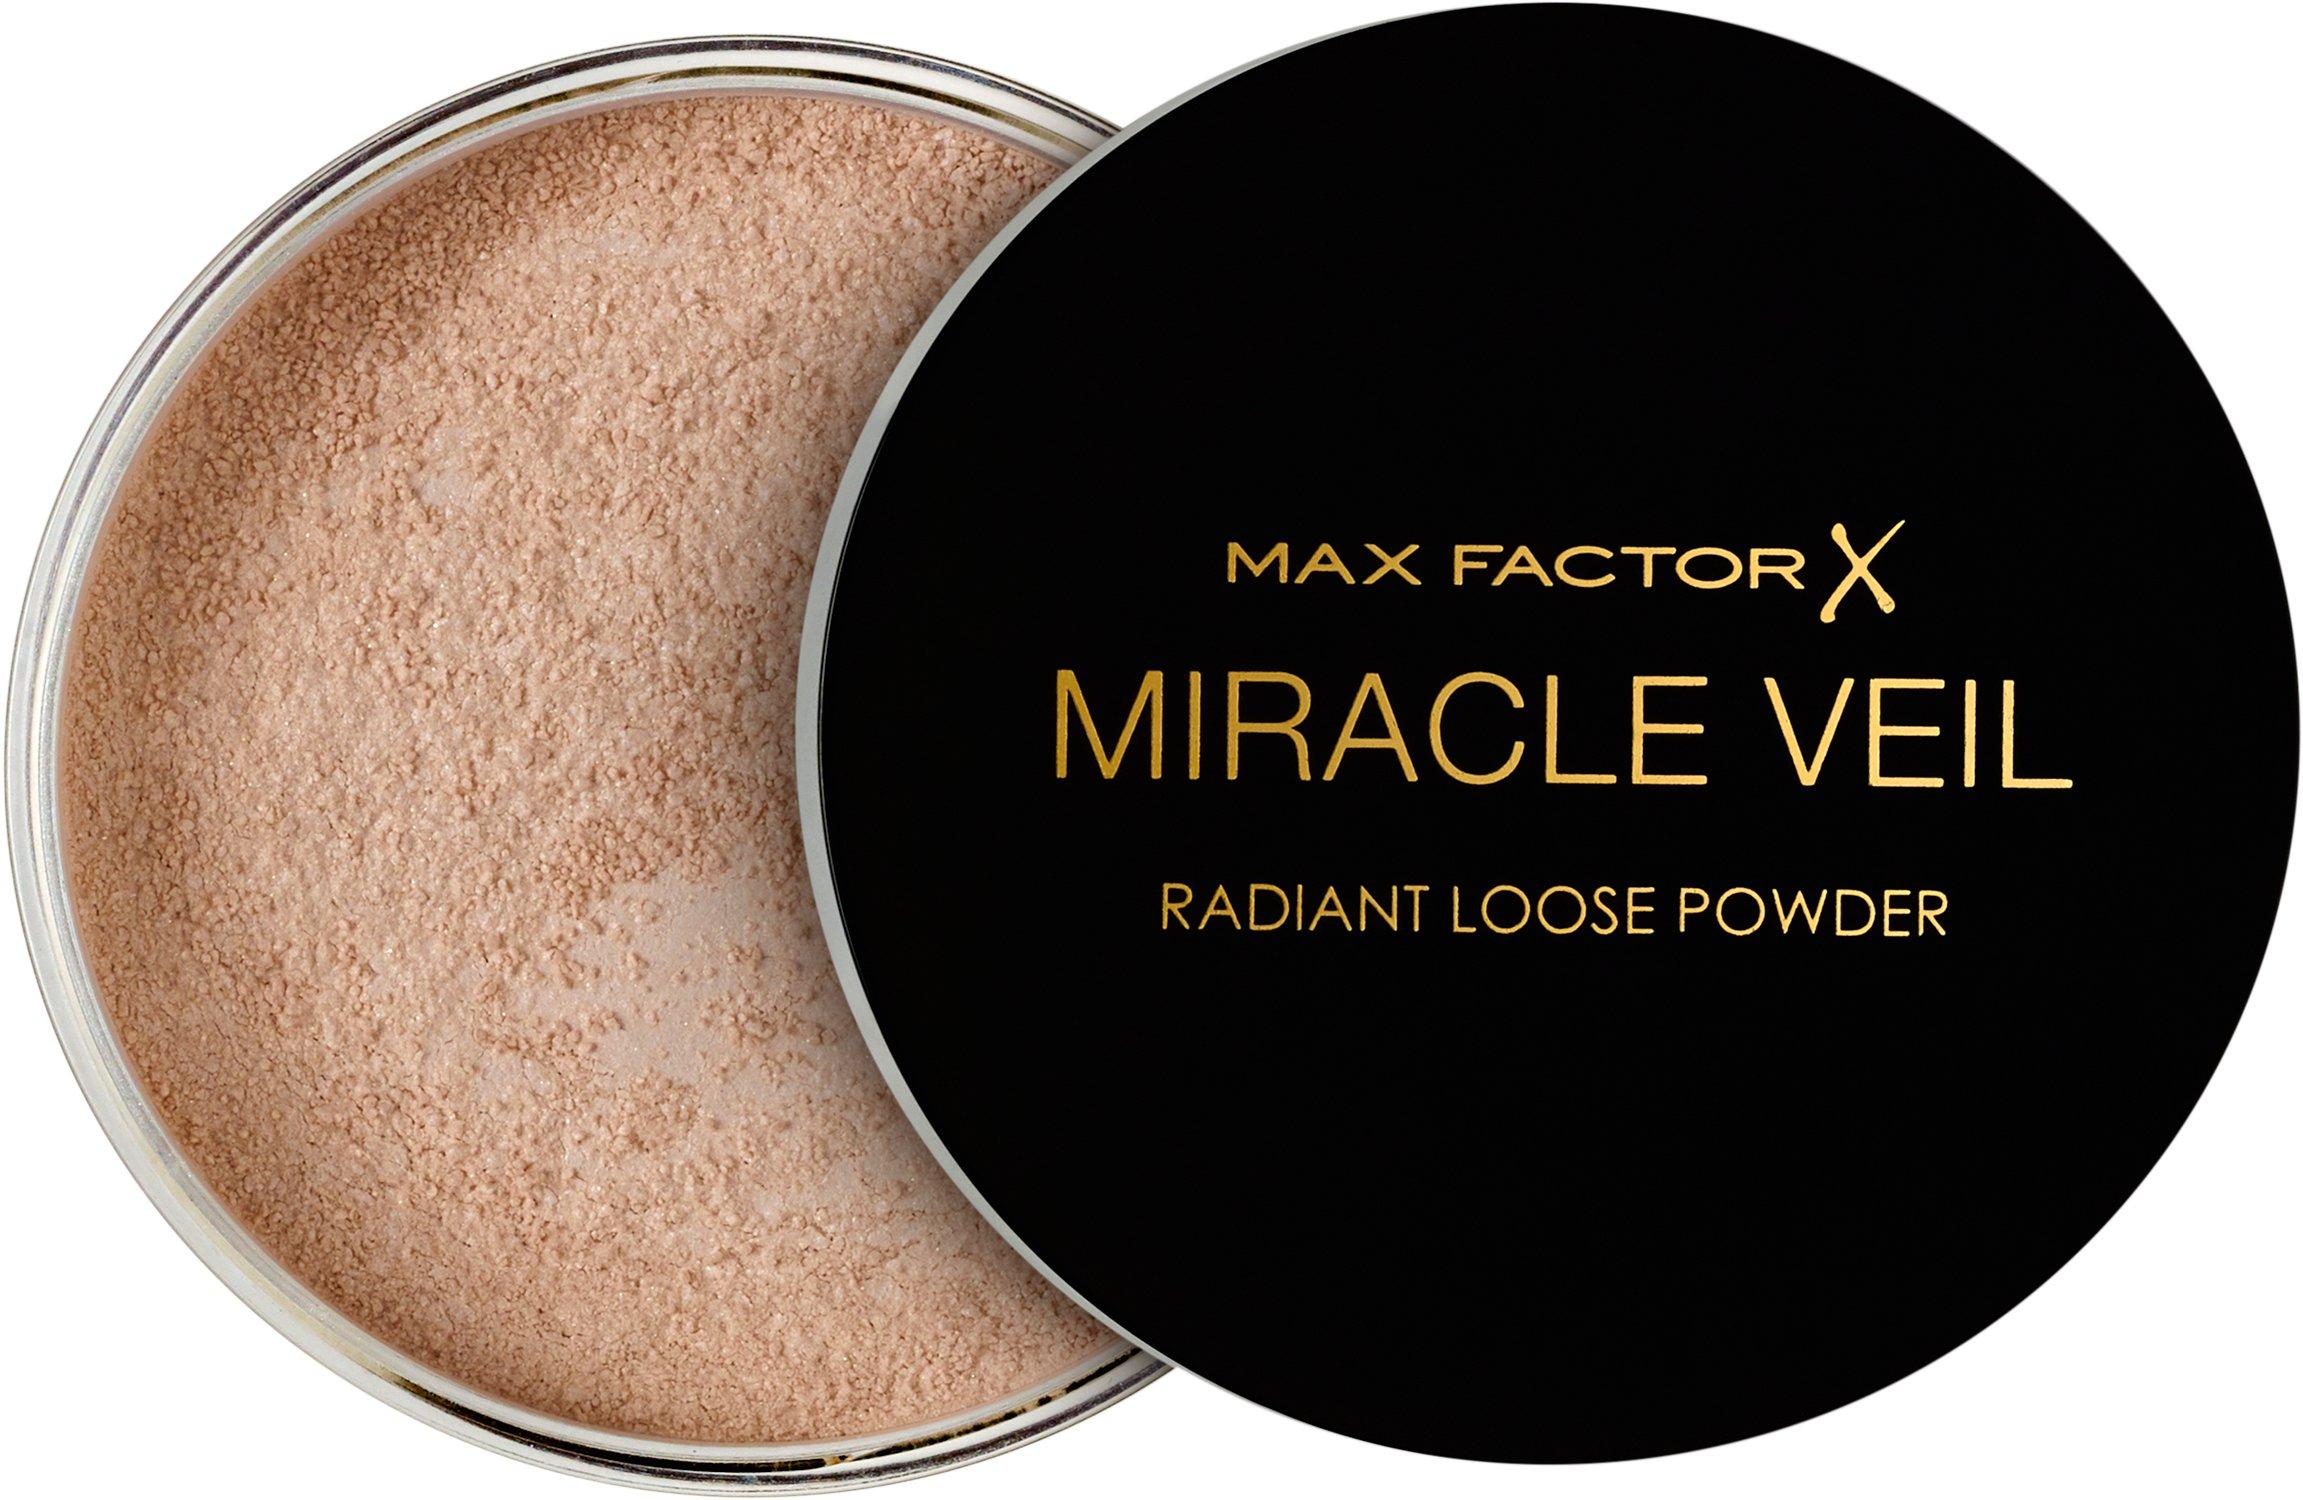 Max Factor - Miracle Veil Loose Powder 4g